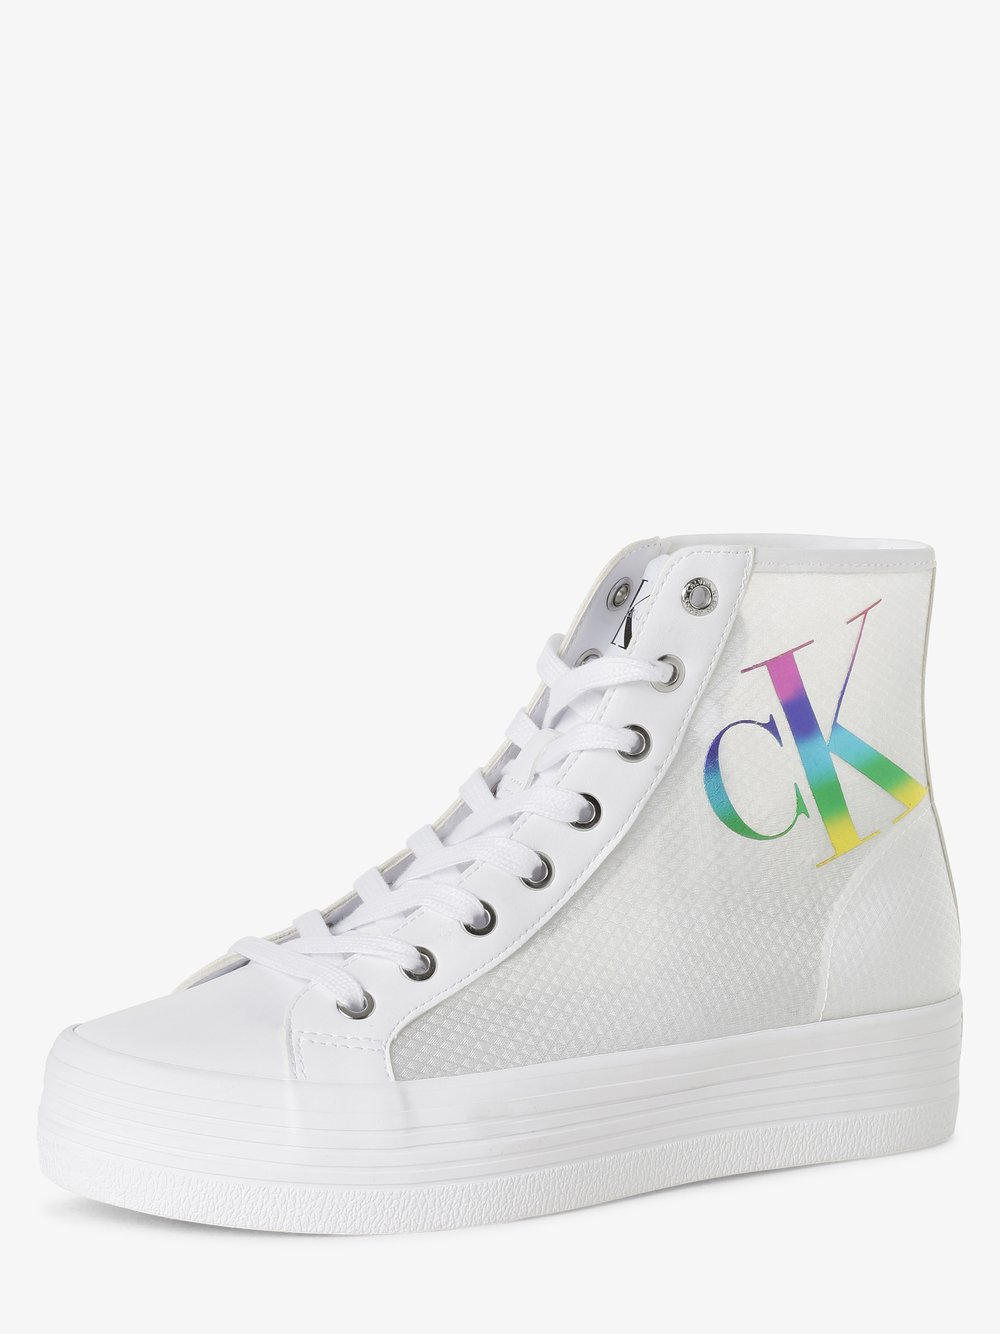 Calvin Klein Jeans - Tenisówki damskie, biały